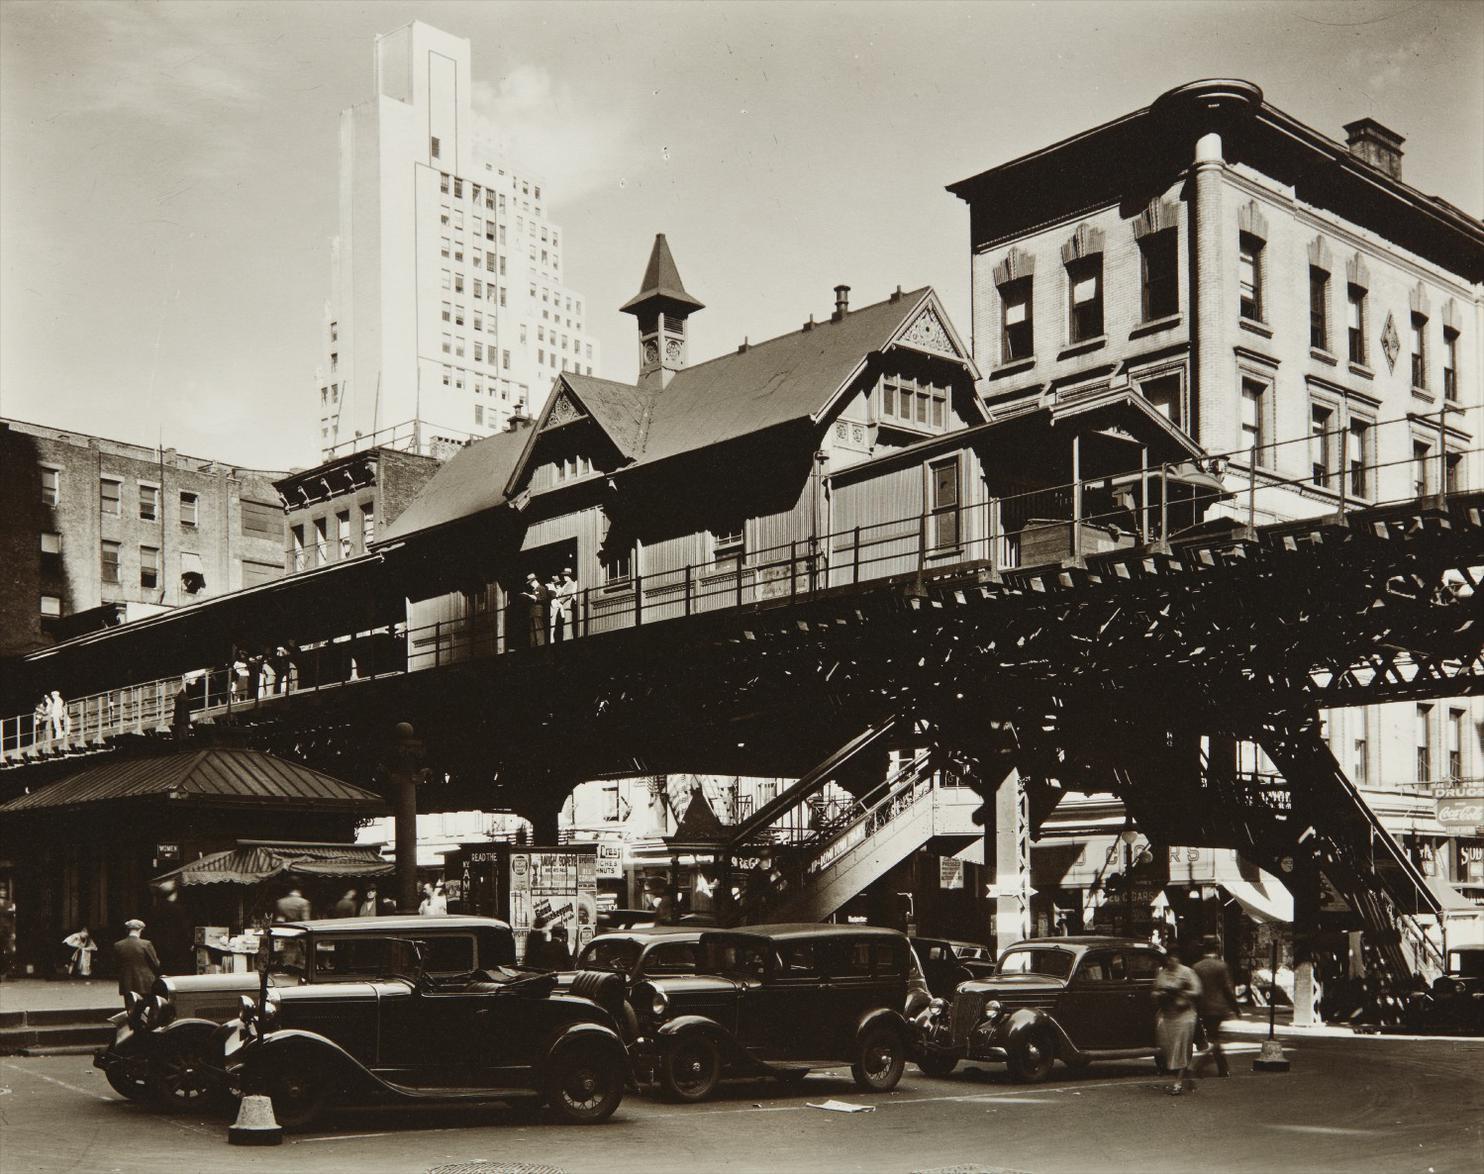 Berenice Abbott-Hanover Square, Manhattan, May 25Th-1936